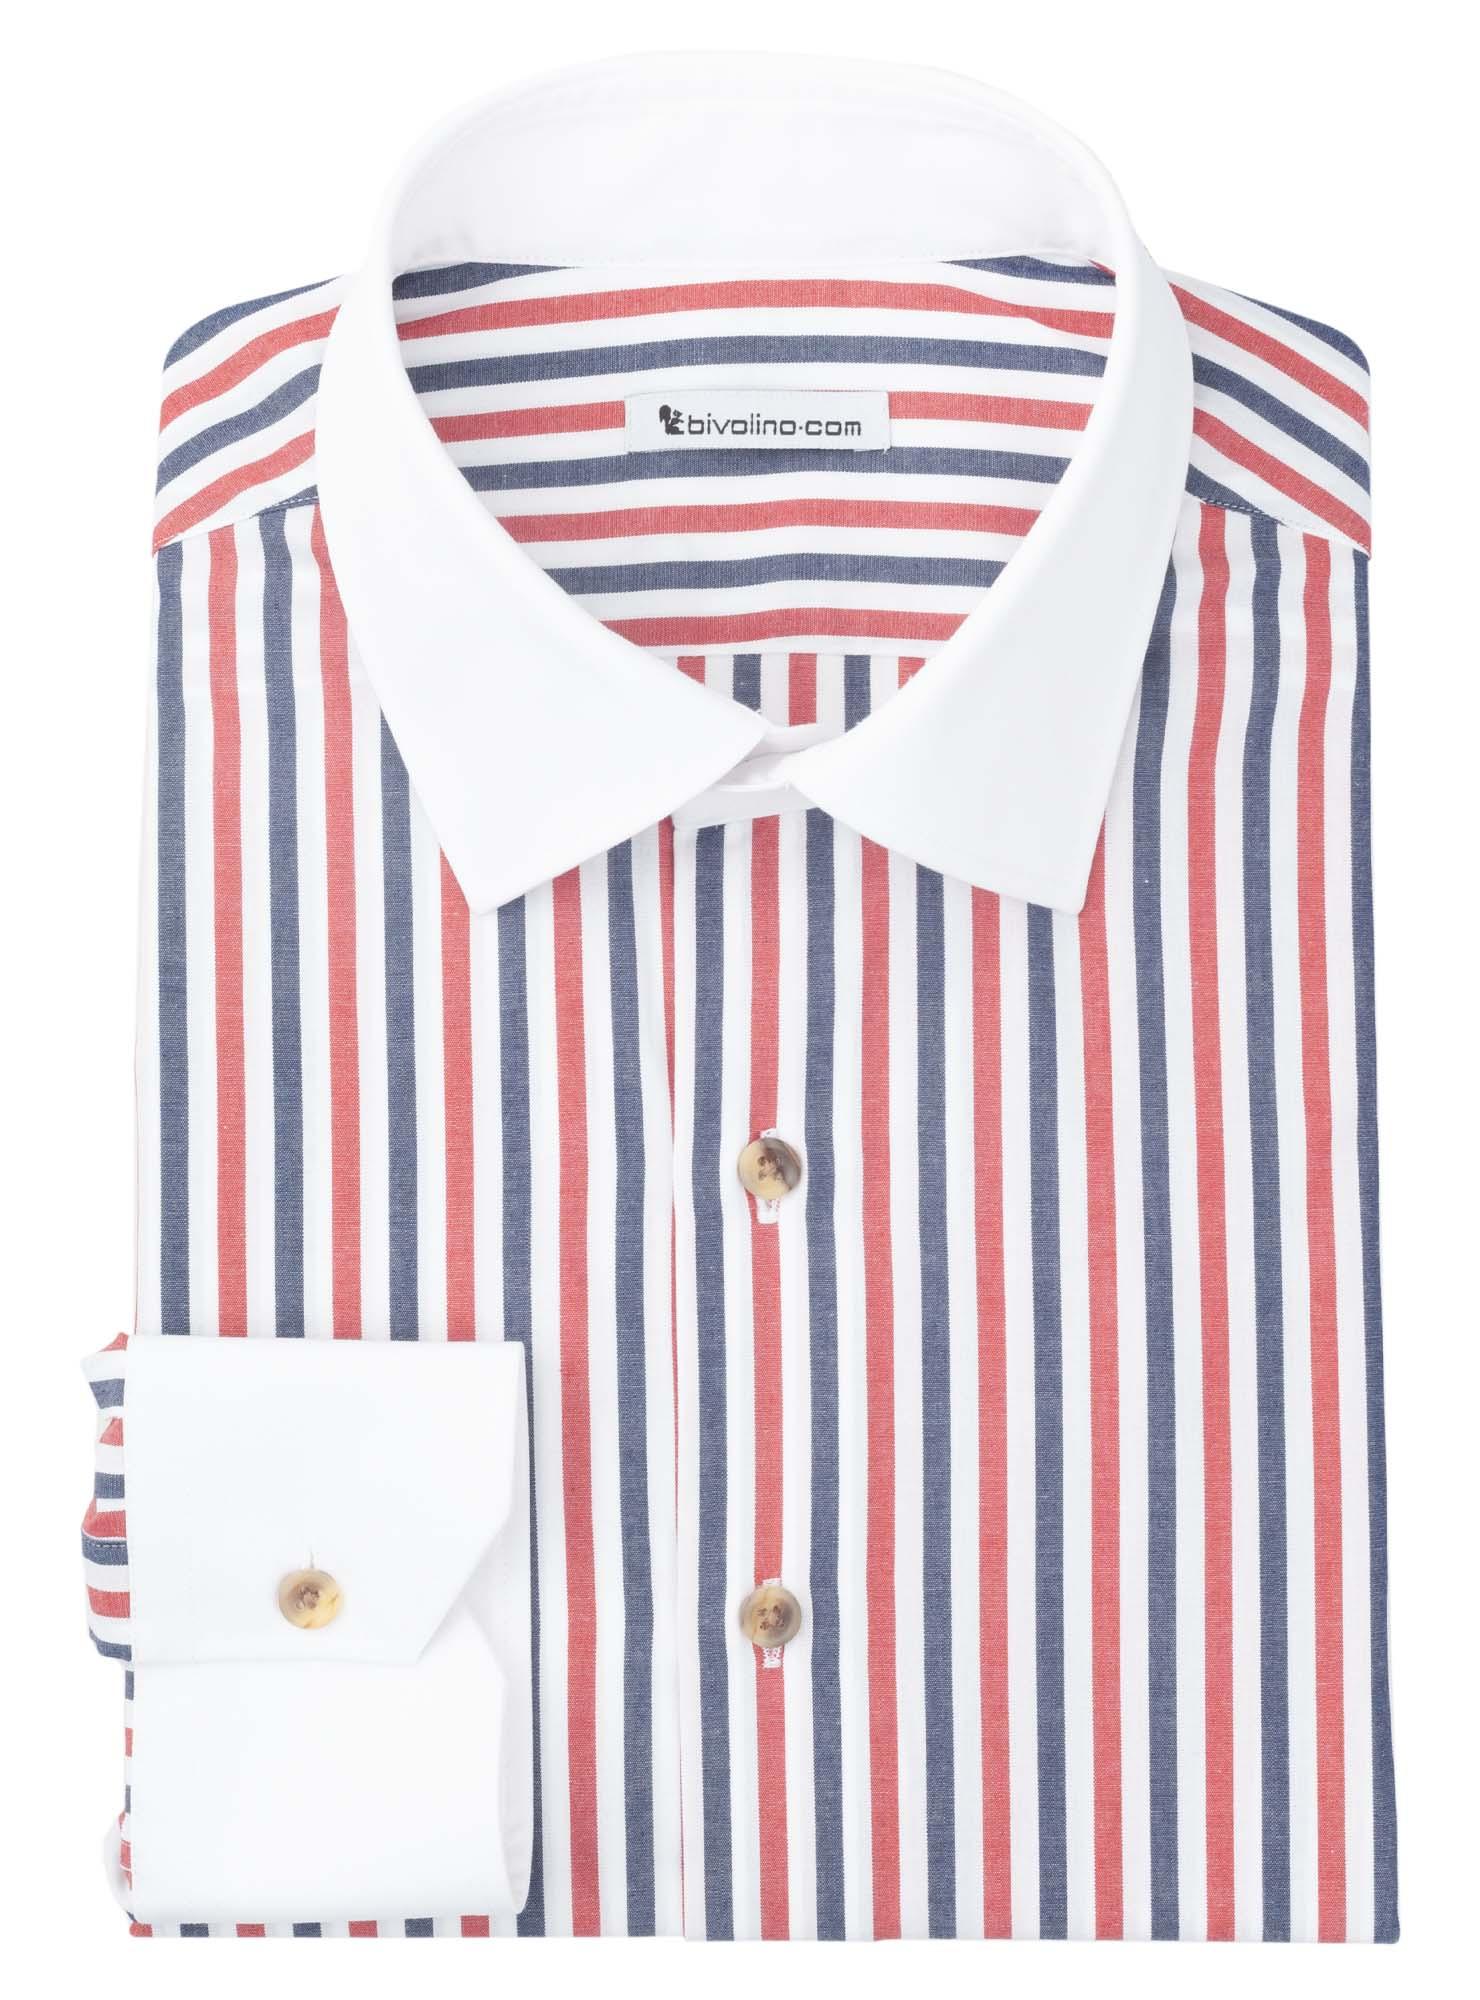 VALENCINA - red stripe - white collar - winchester - Valencia 1